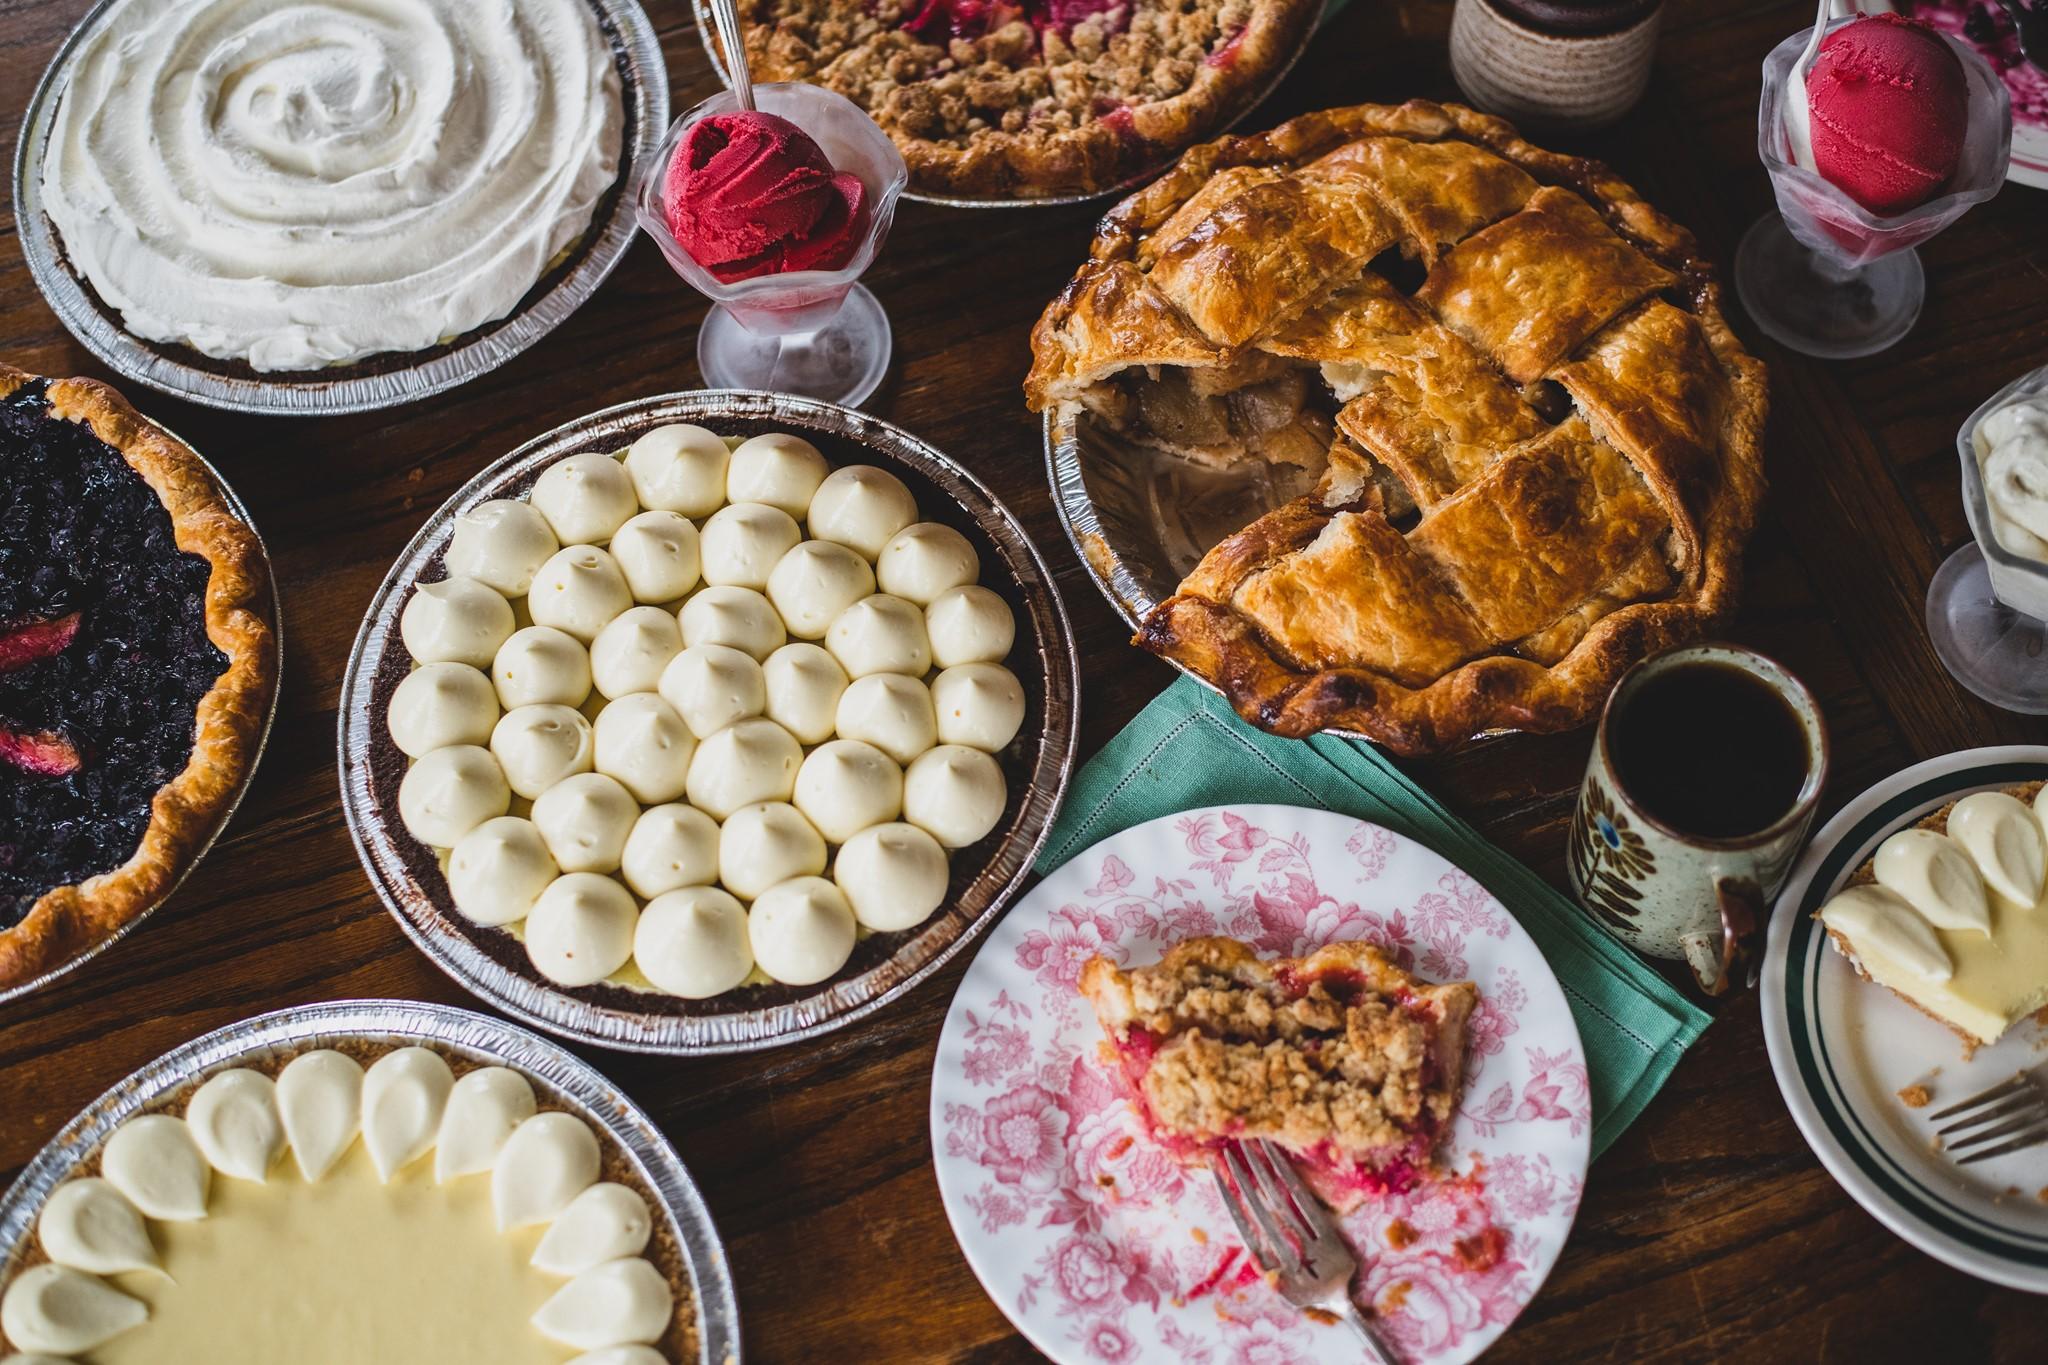 Hot Hands Pie & Biscuit